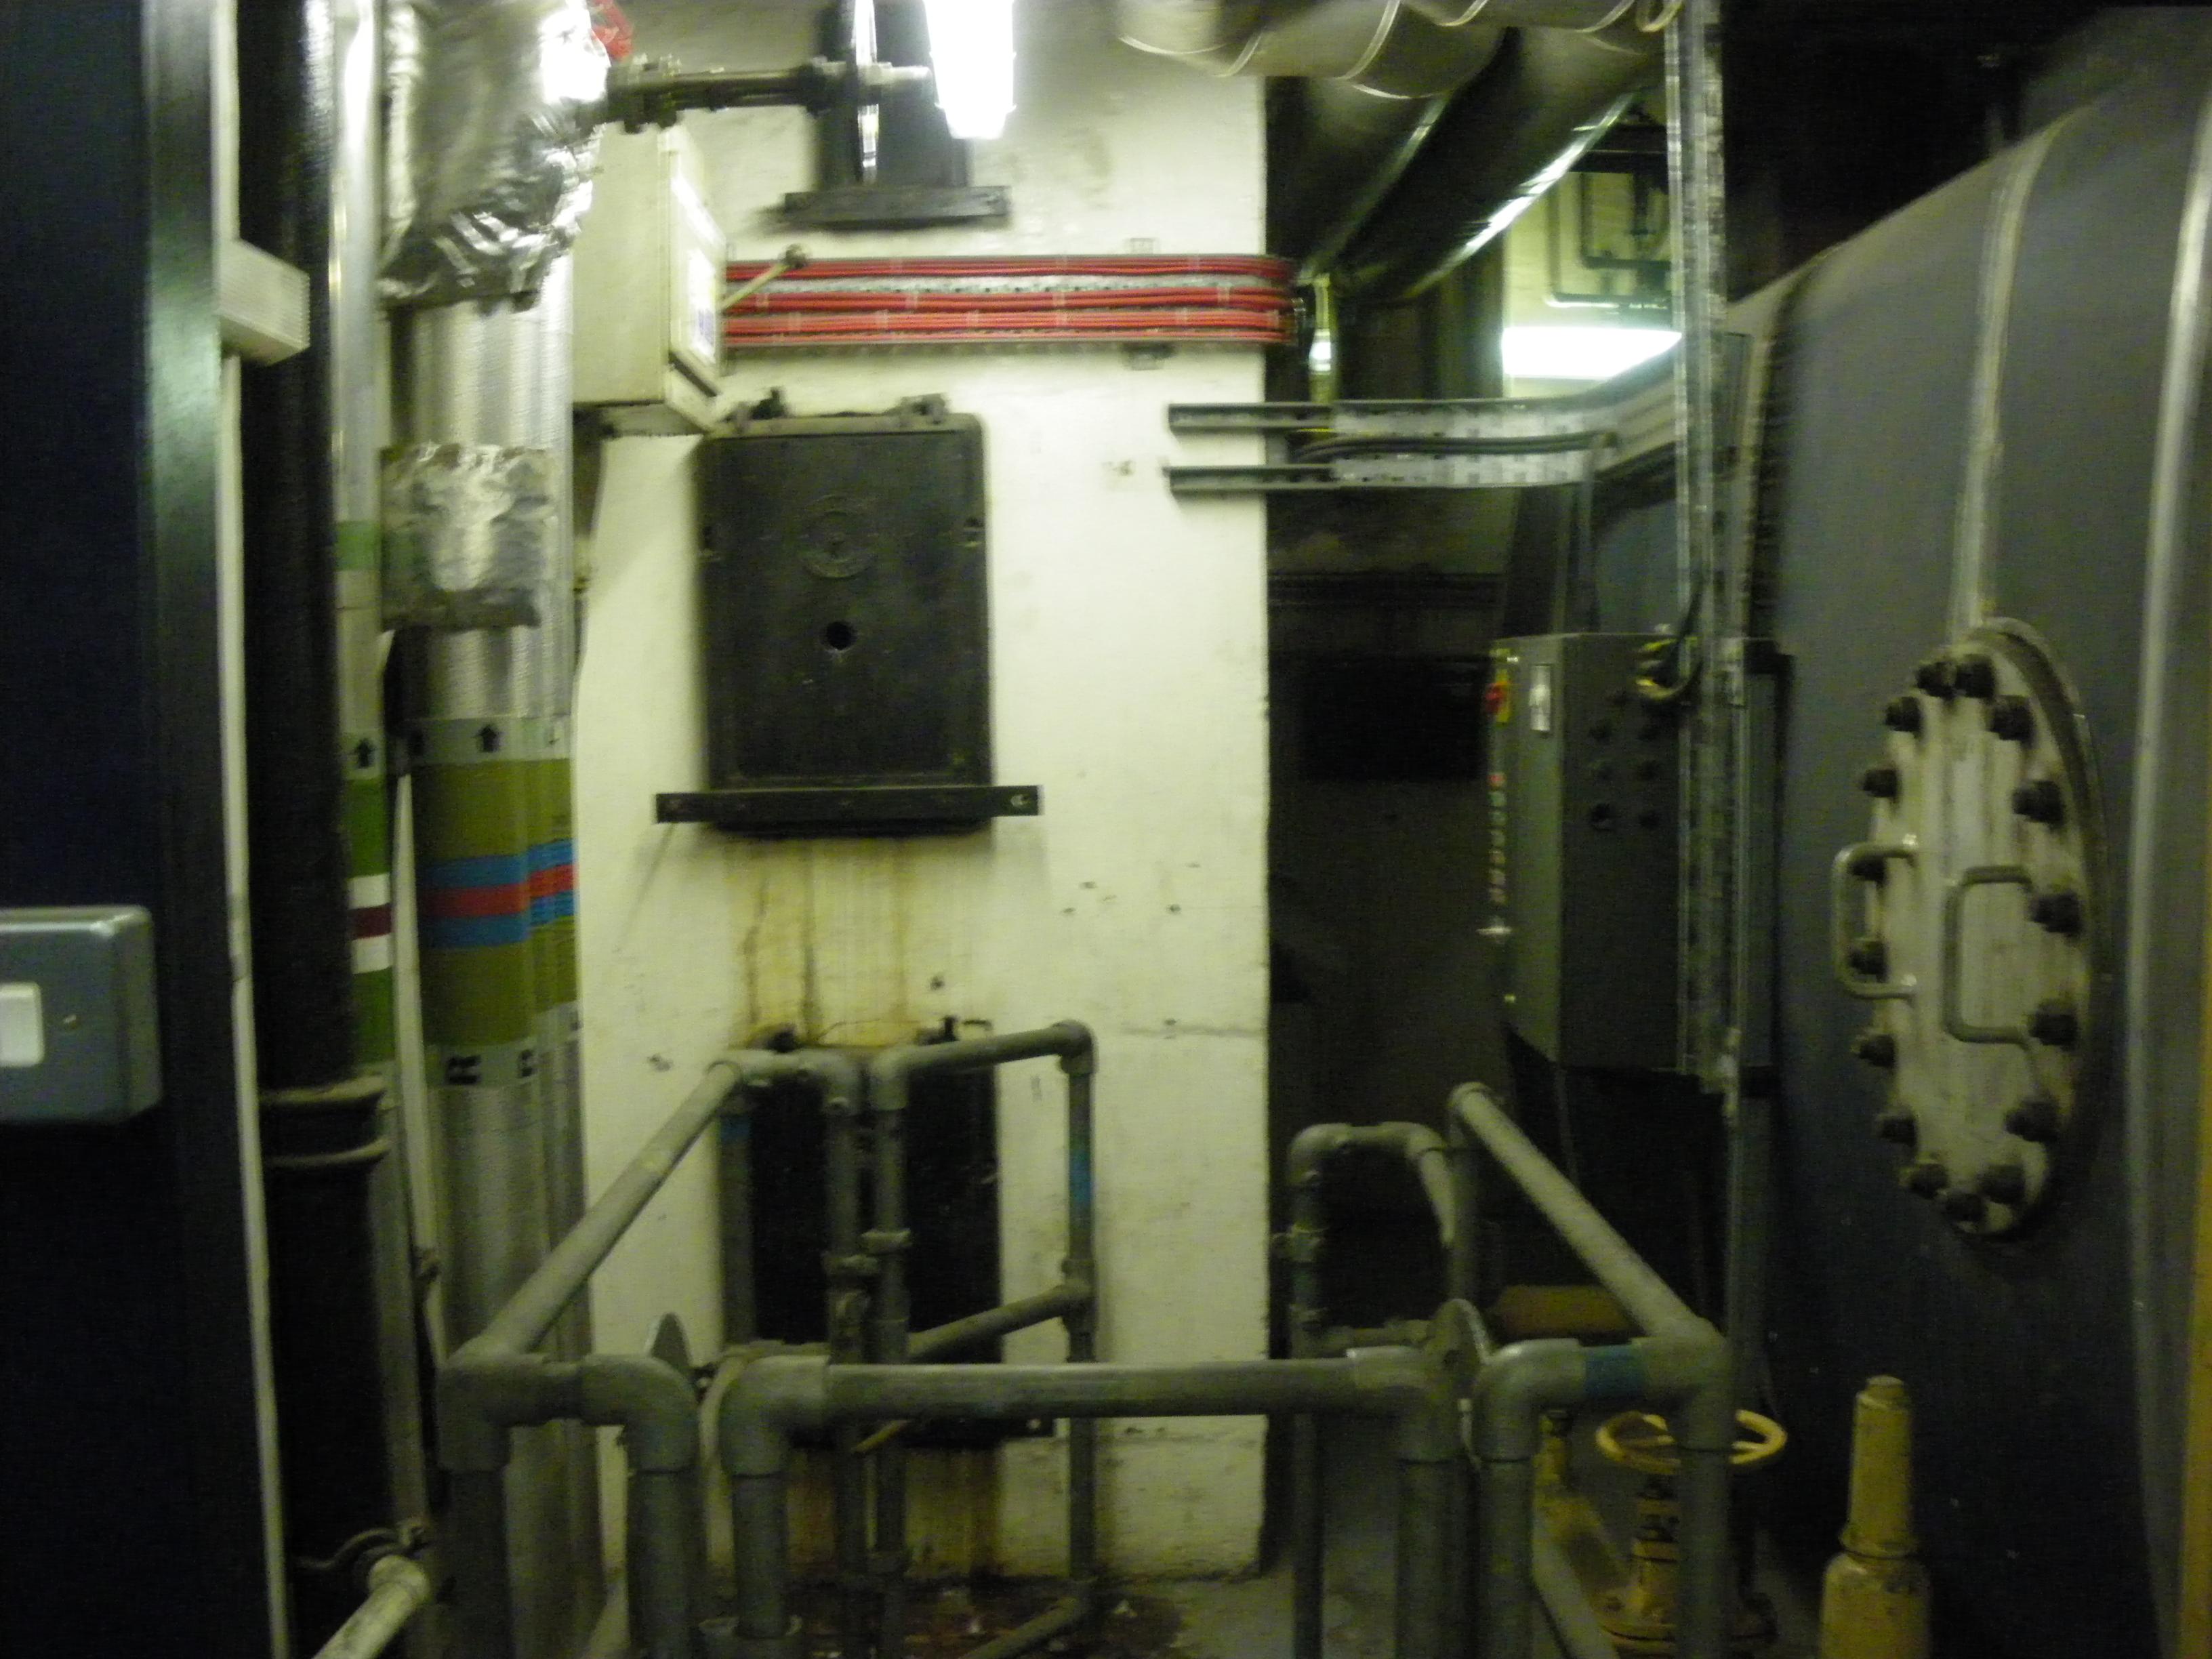 Boiler no. 1 and flues